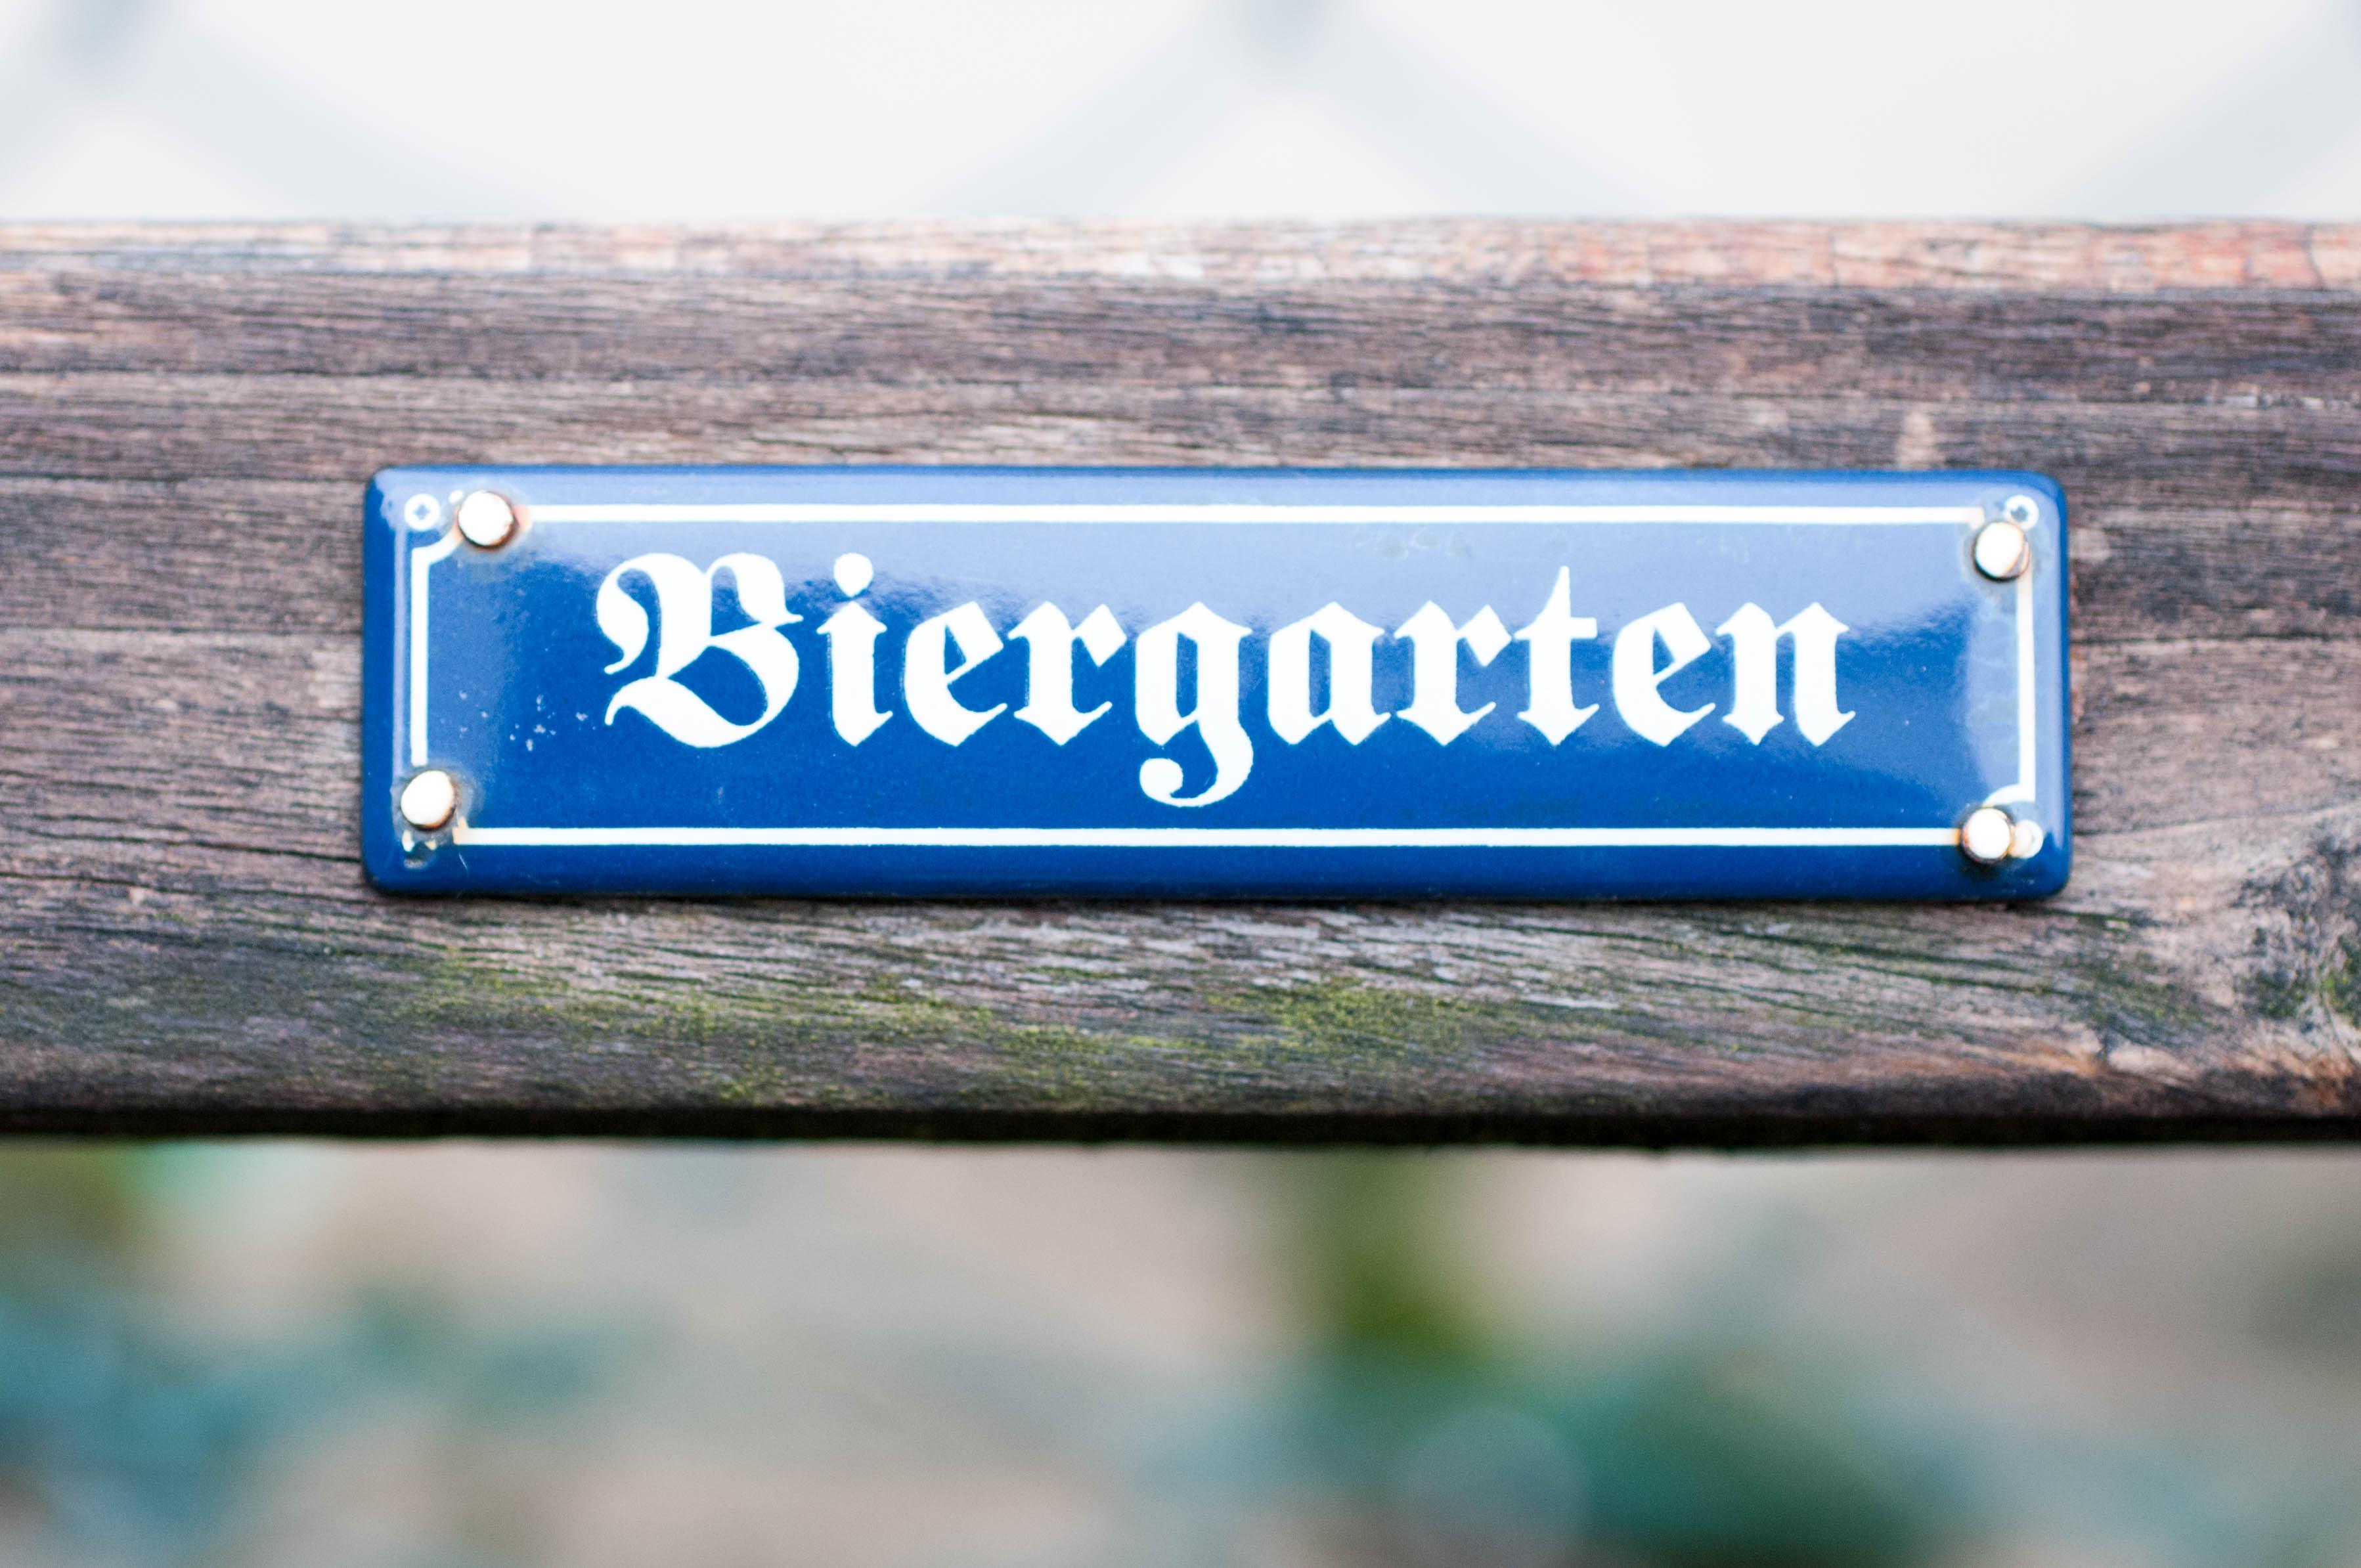 Biergarten Bank